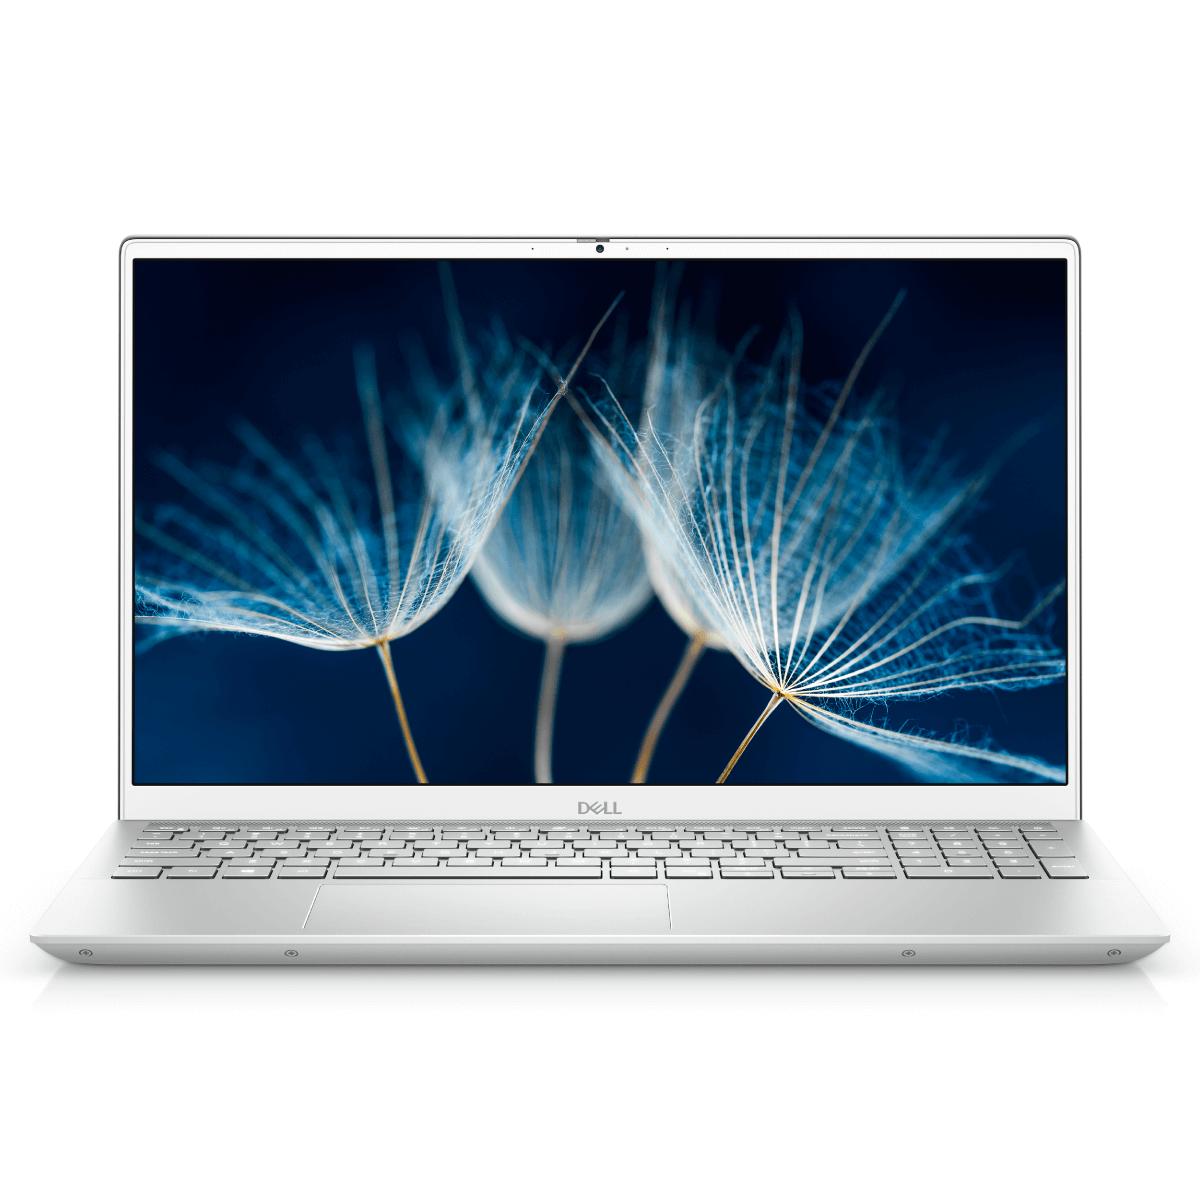 Dell Inspiron 7501 (i7, Platinum Silver)